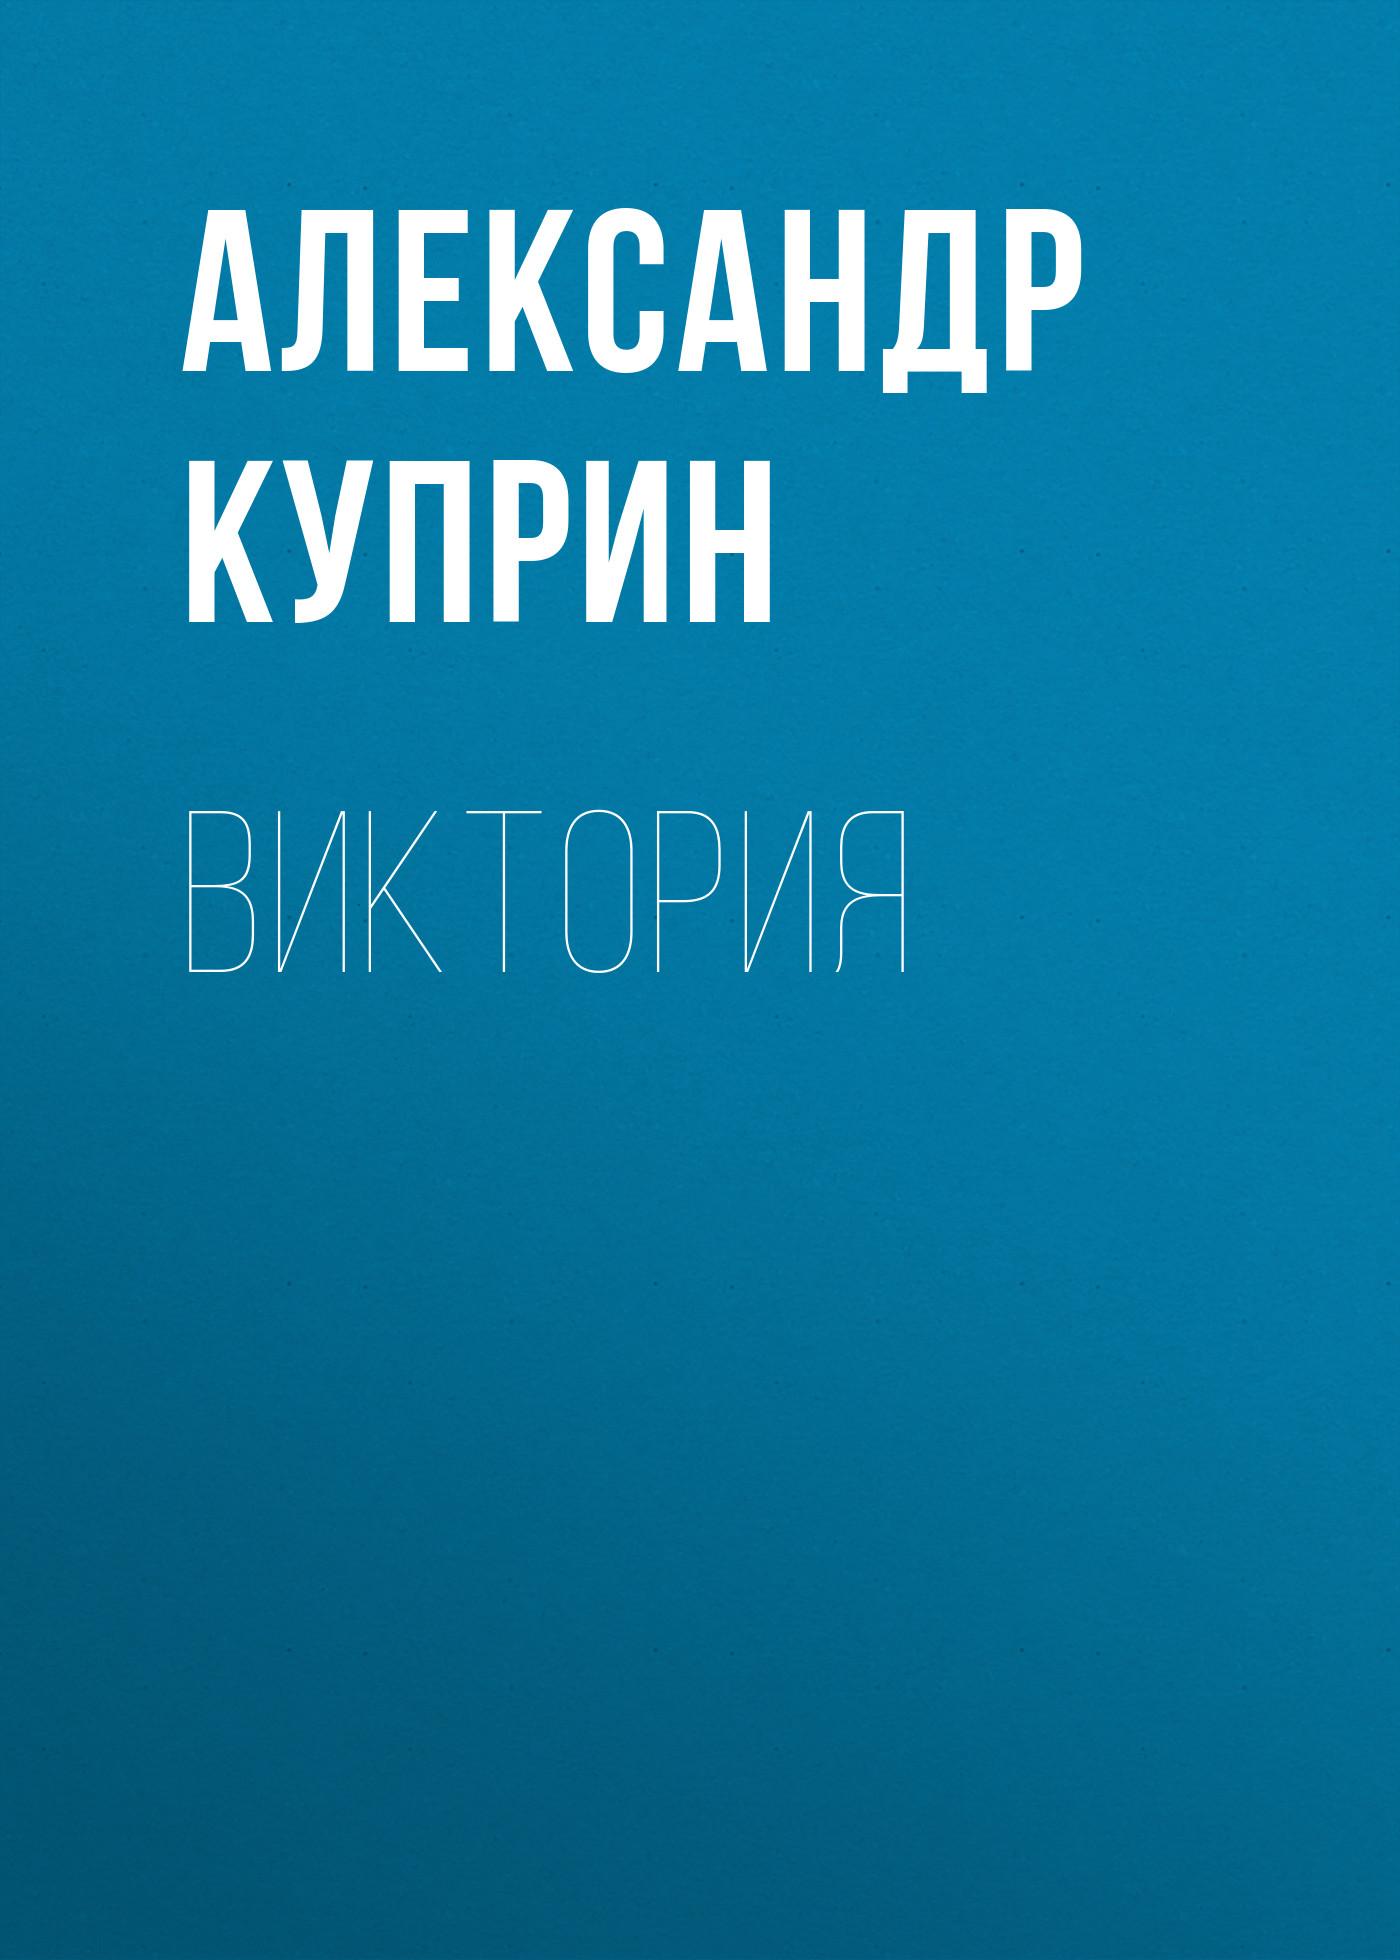 цена на Александр Куприн Виктория